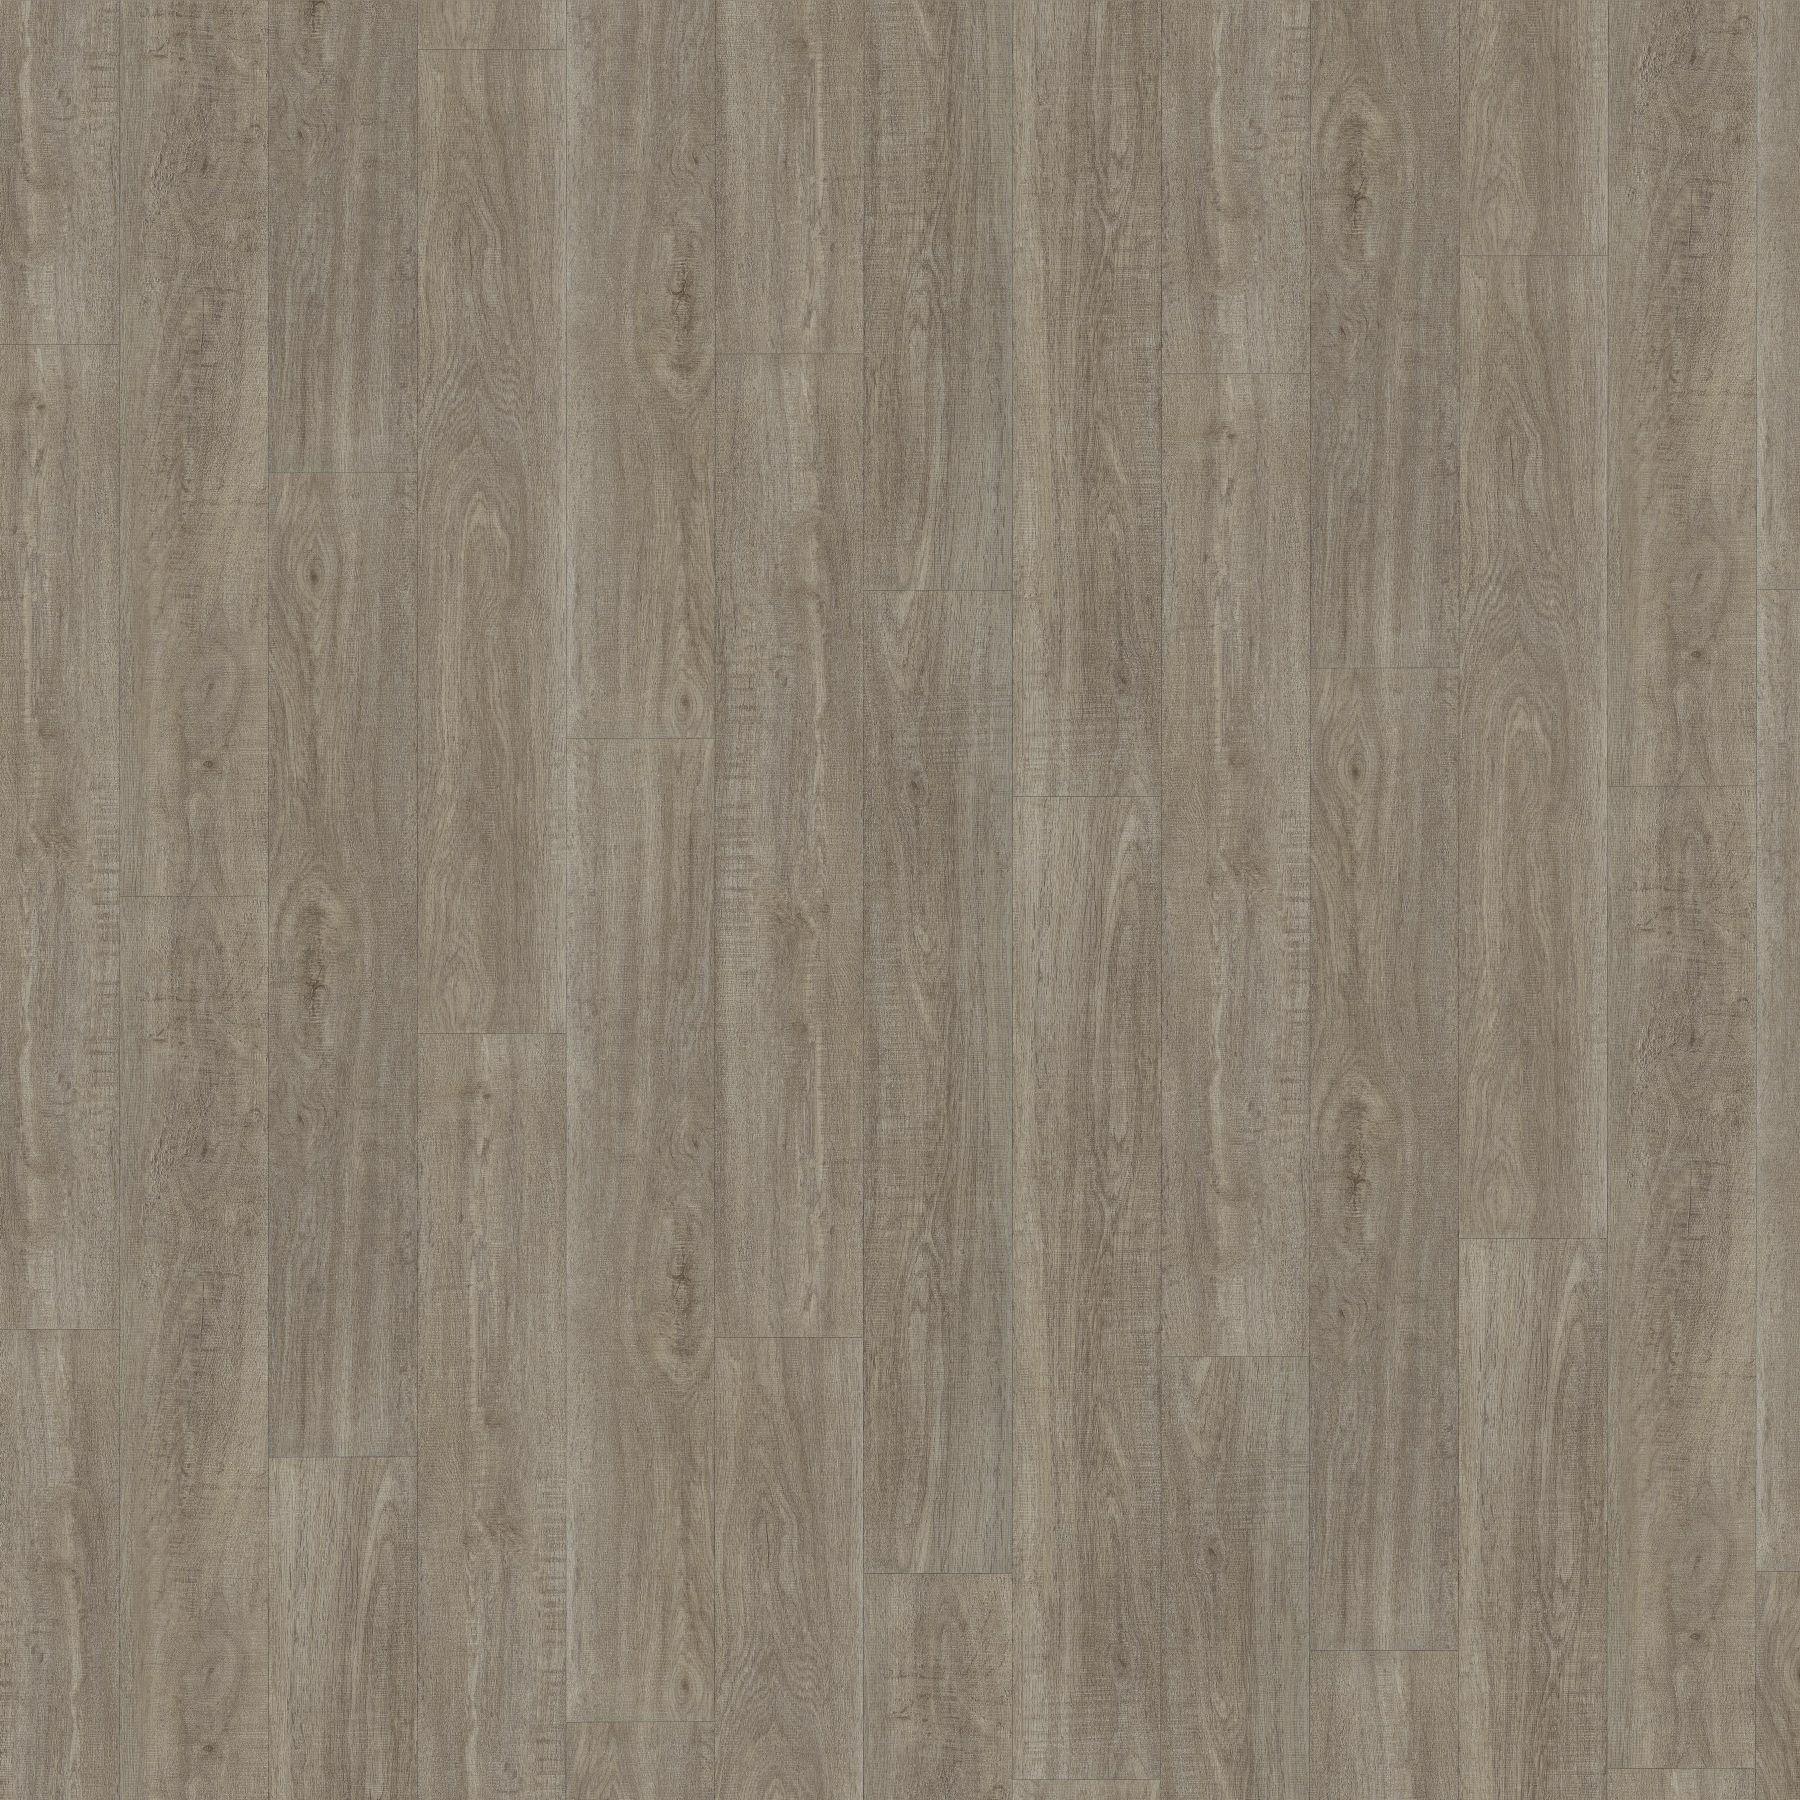 design floor lvt stone oak j cl40007 04 jab anstoetz. Black Bedroom Furniture Sets. Home Design Ideas